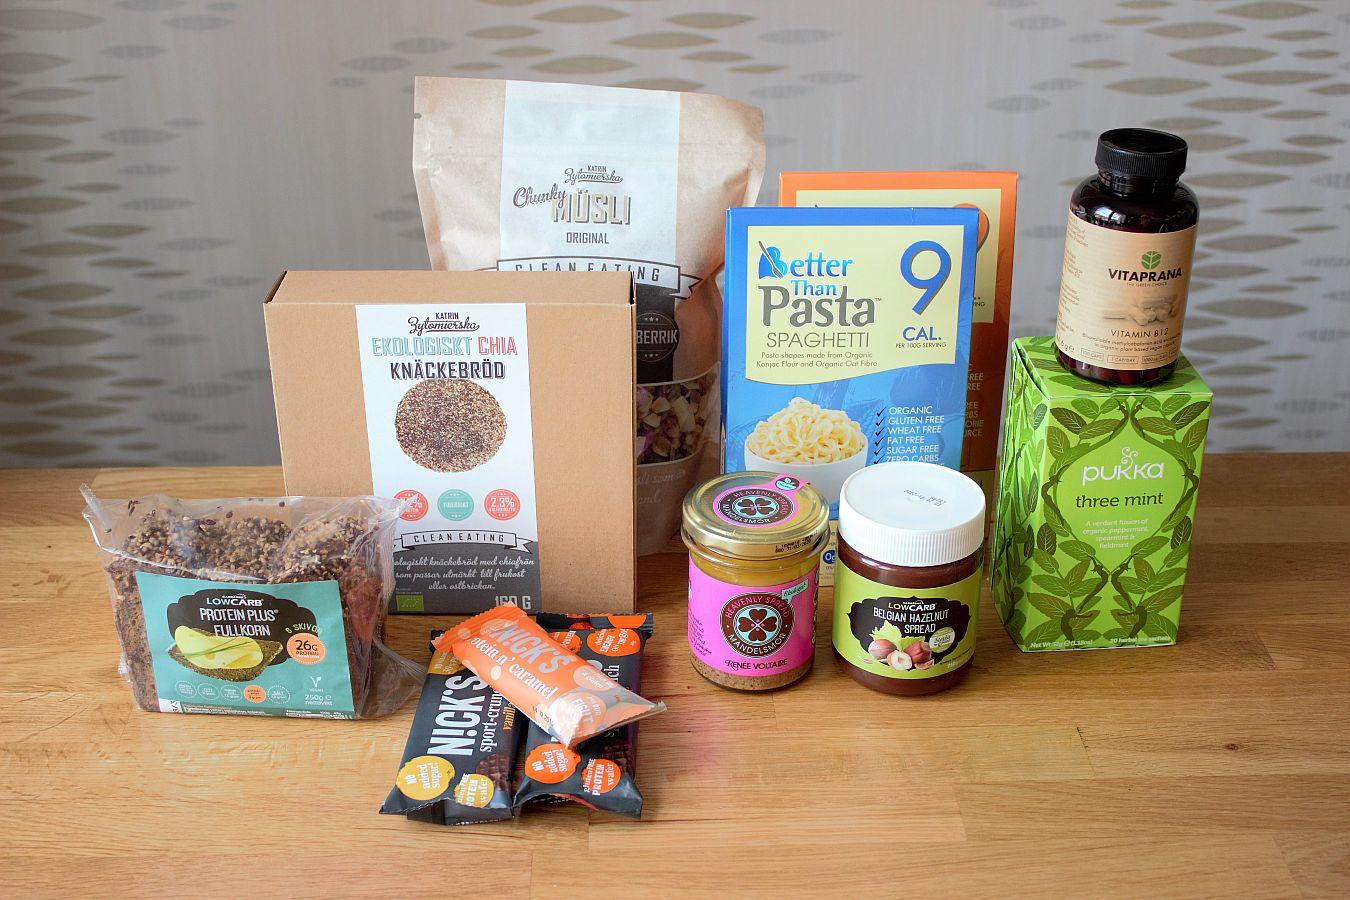 Здравословно хранене - нови придобивки, супер храни, добавки. Отслабване, вкусно.